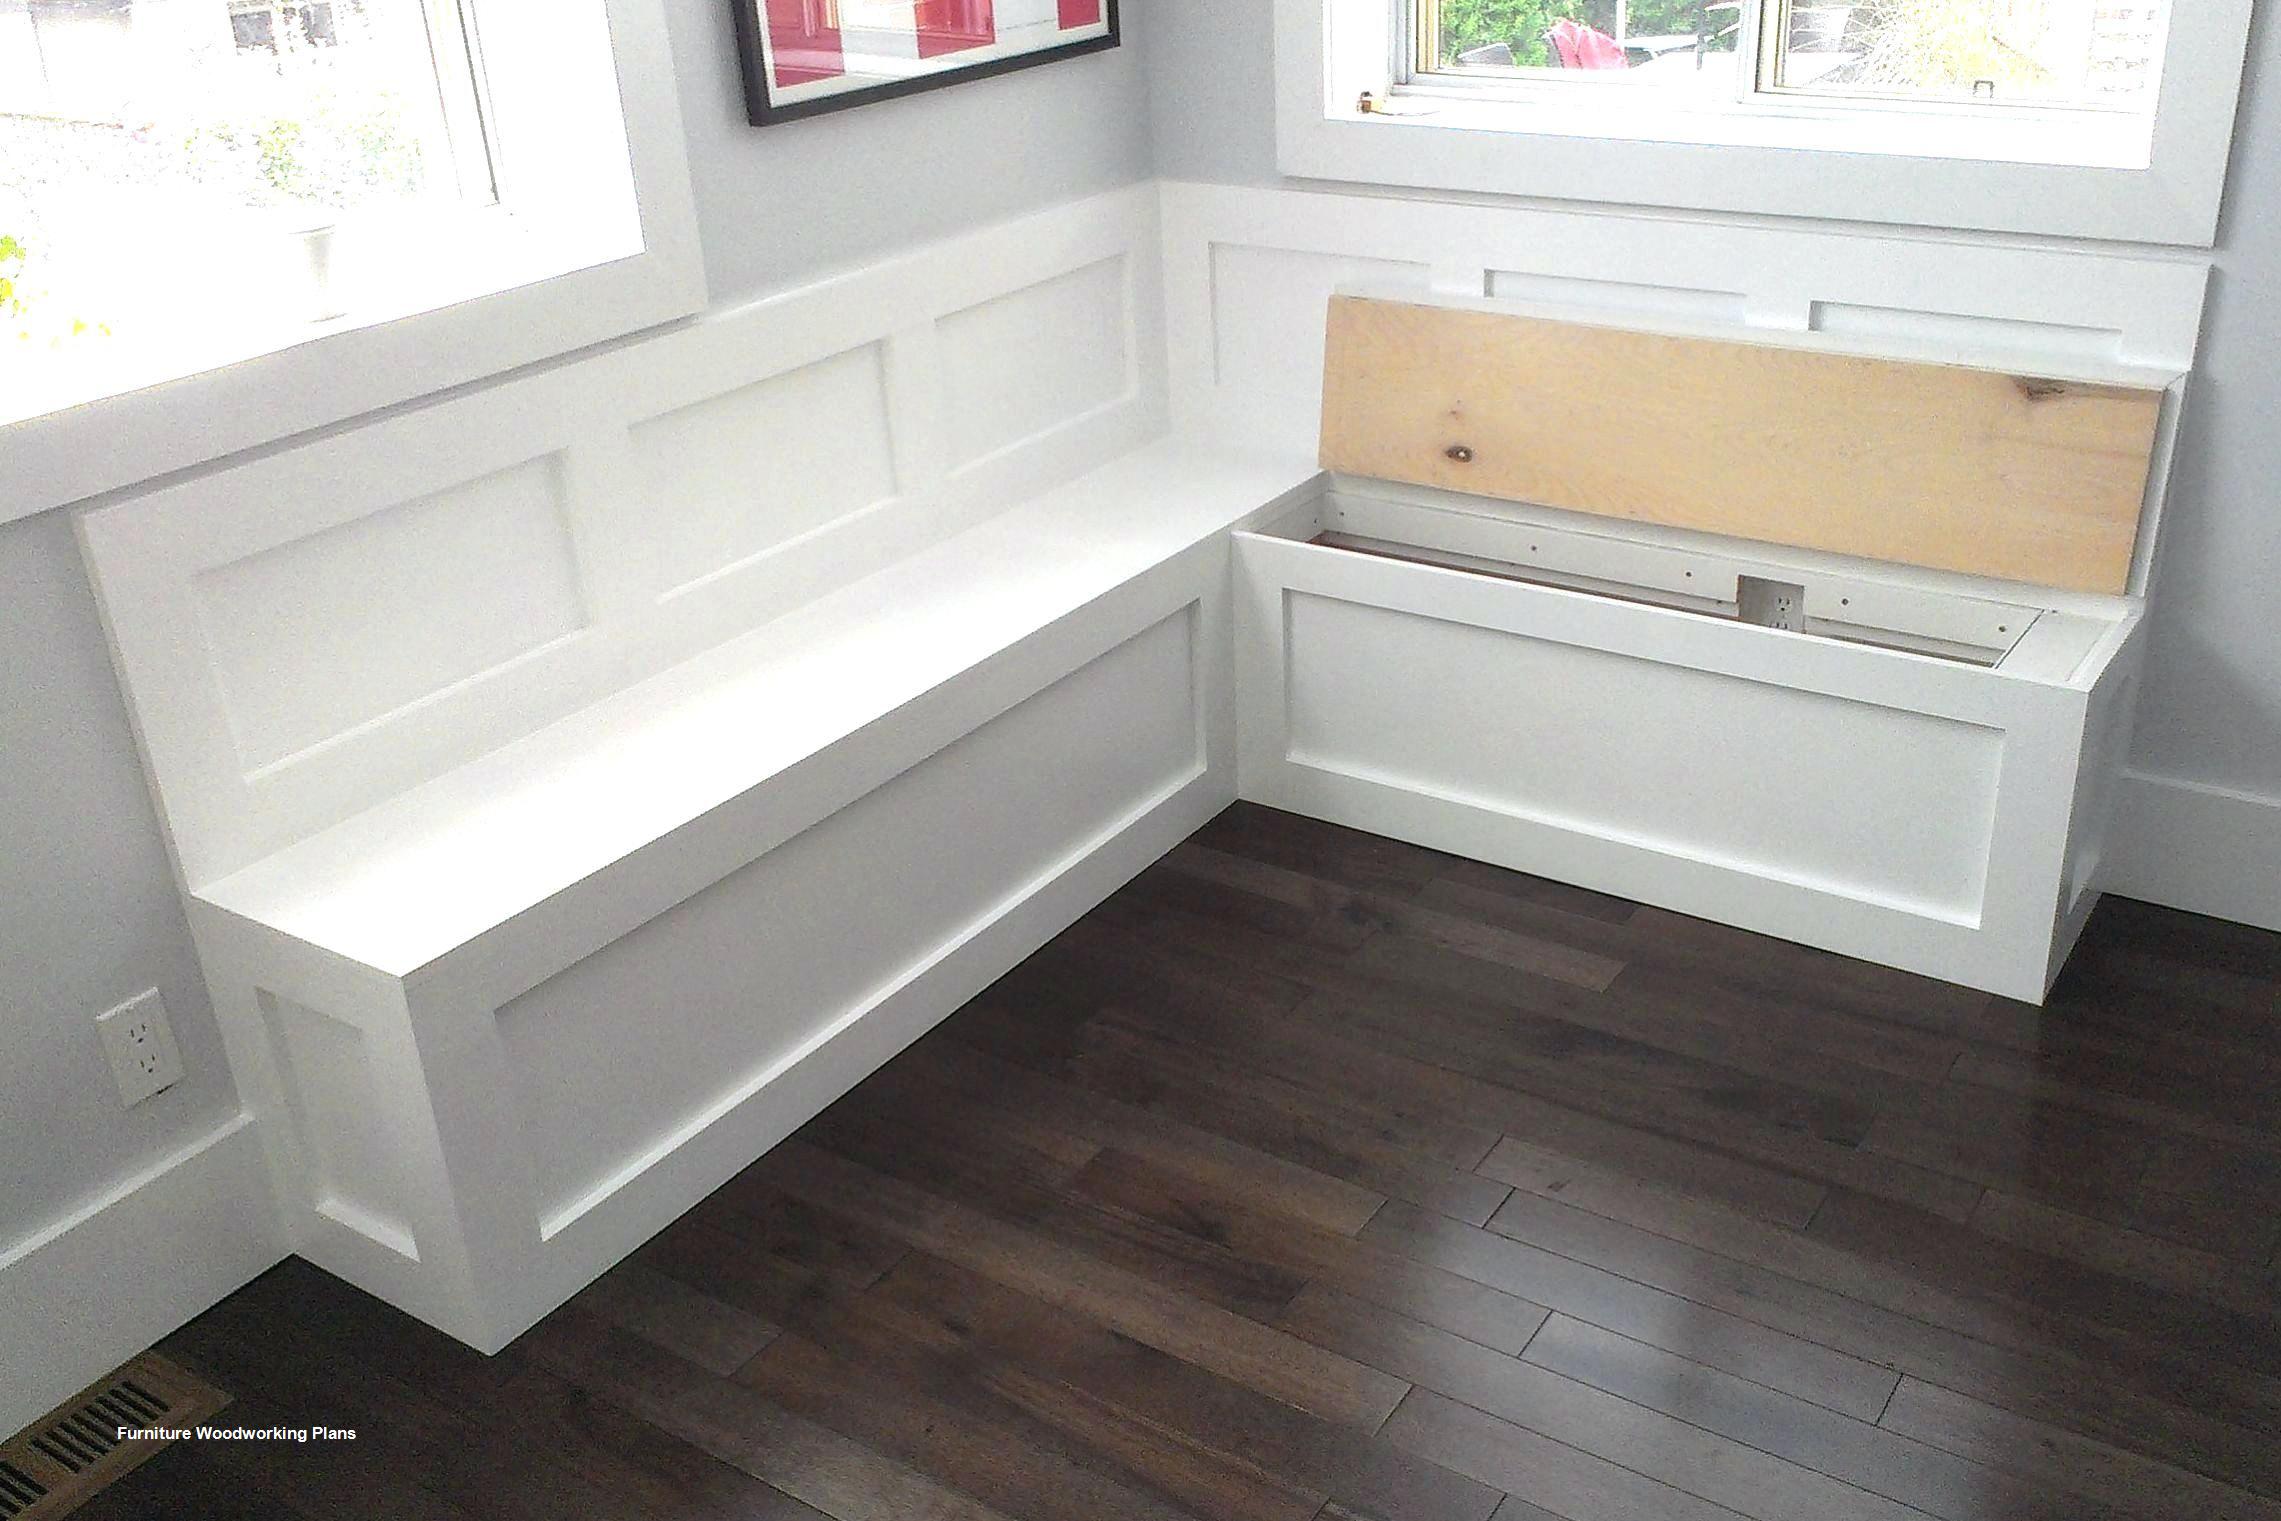 Bench Plans In 2020 Bench Seating Kitchen Kitchen Storage Bench Kitchen Corner Bench Seating